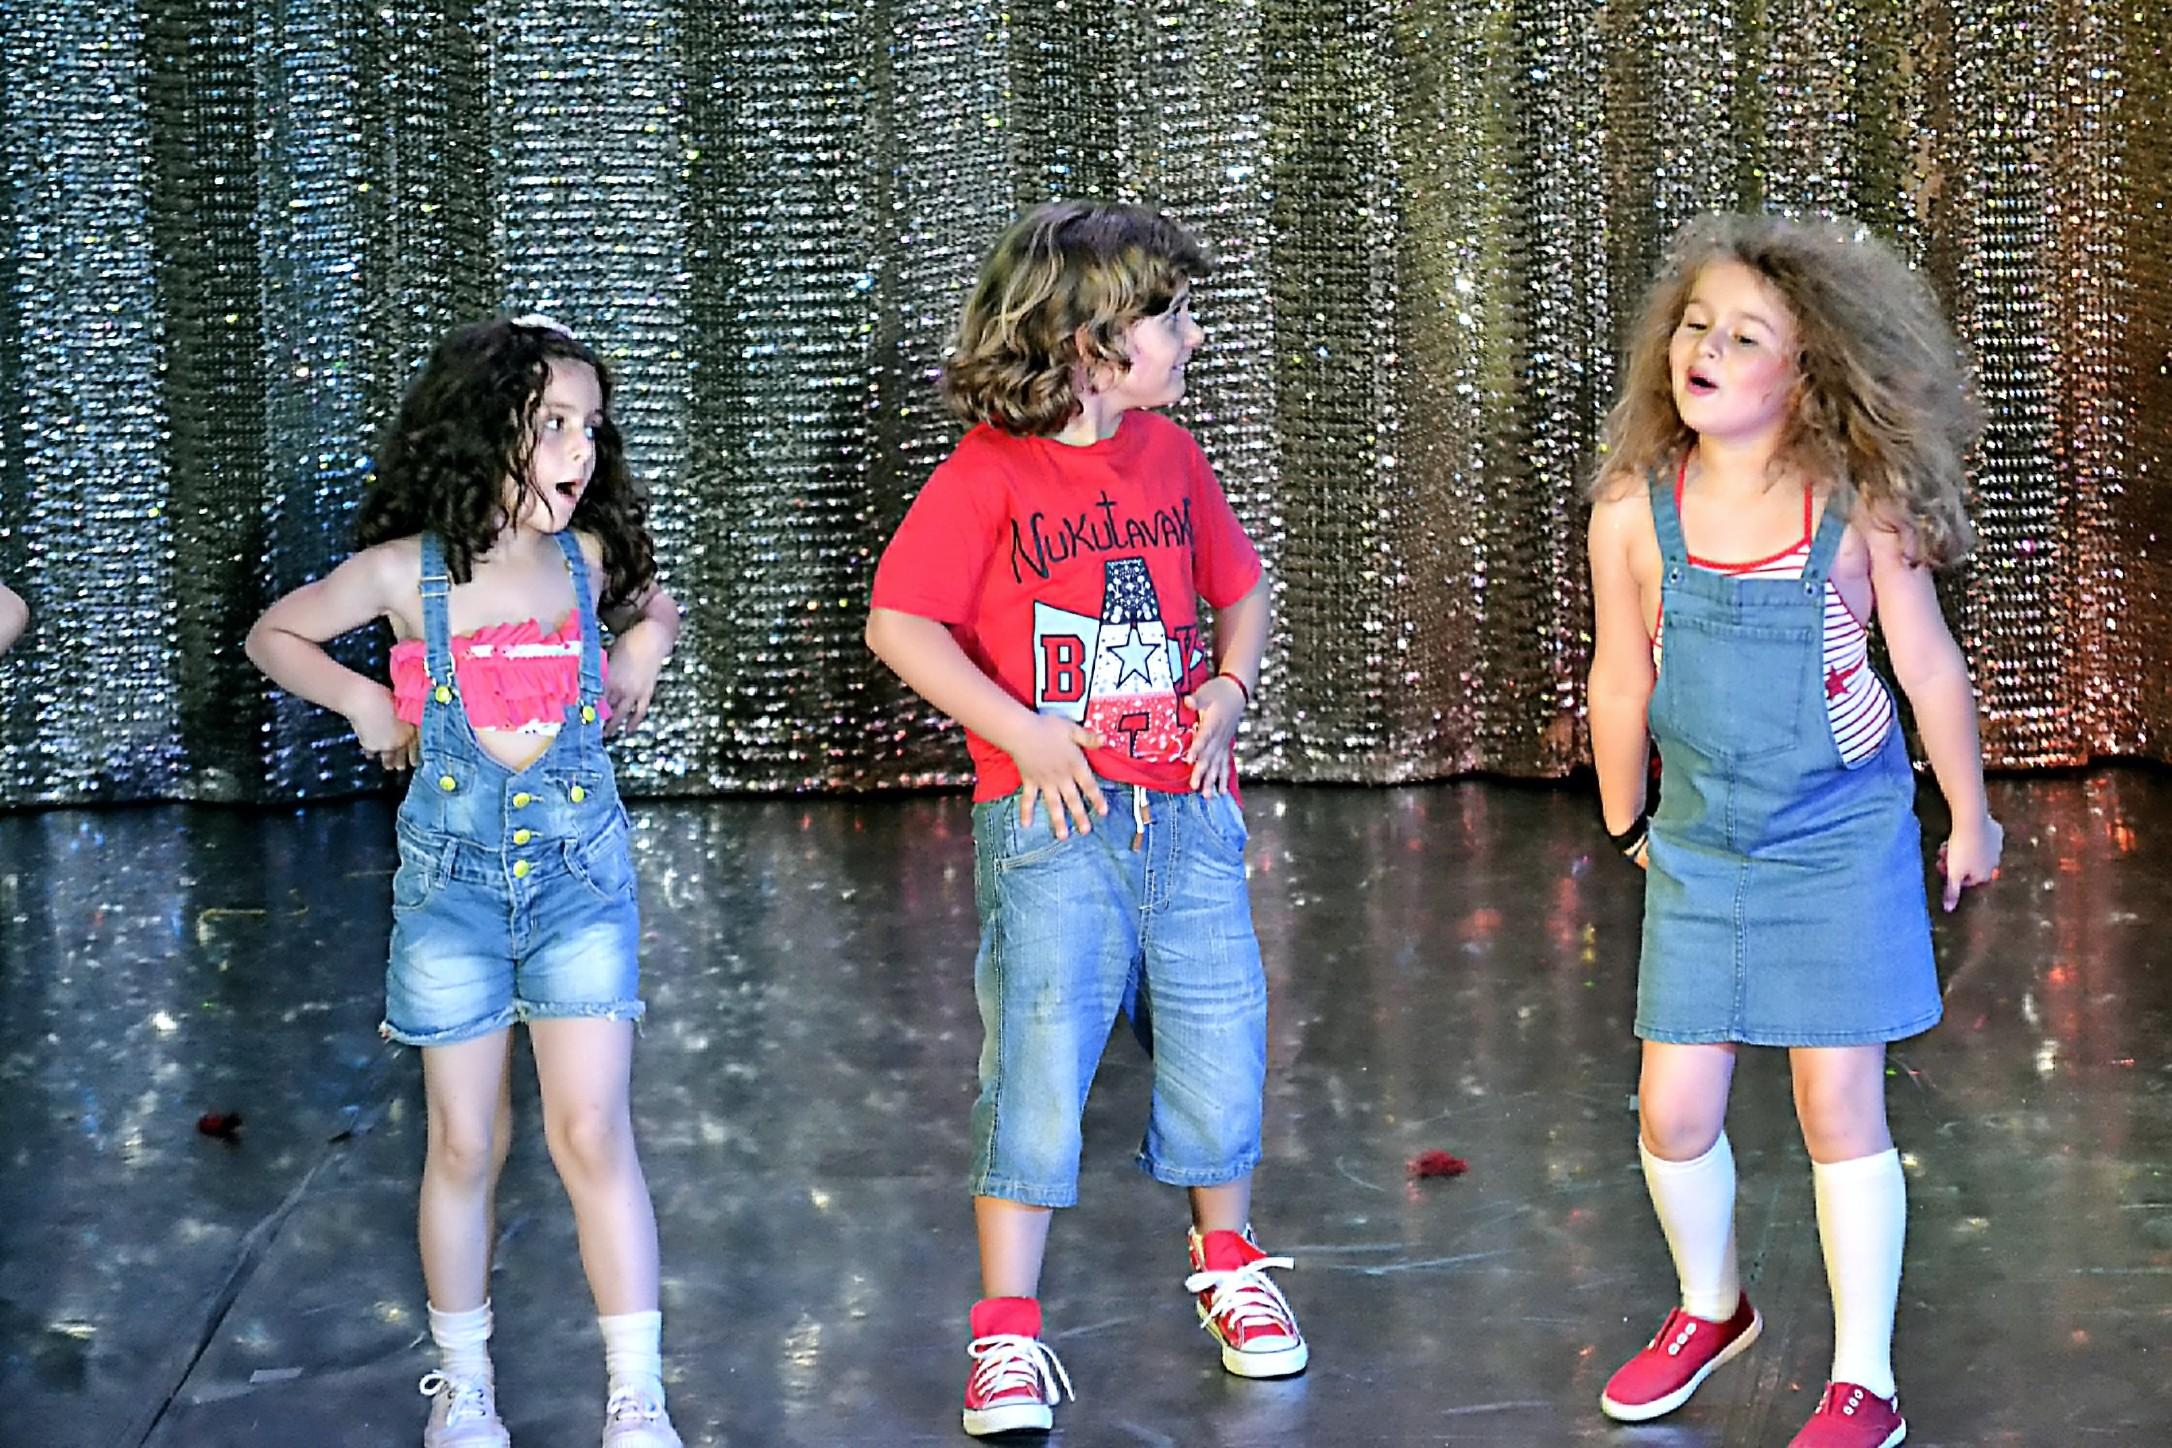 Linea-de-Baile-festival-verano-2015-clases-de-baile-valencia-123